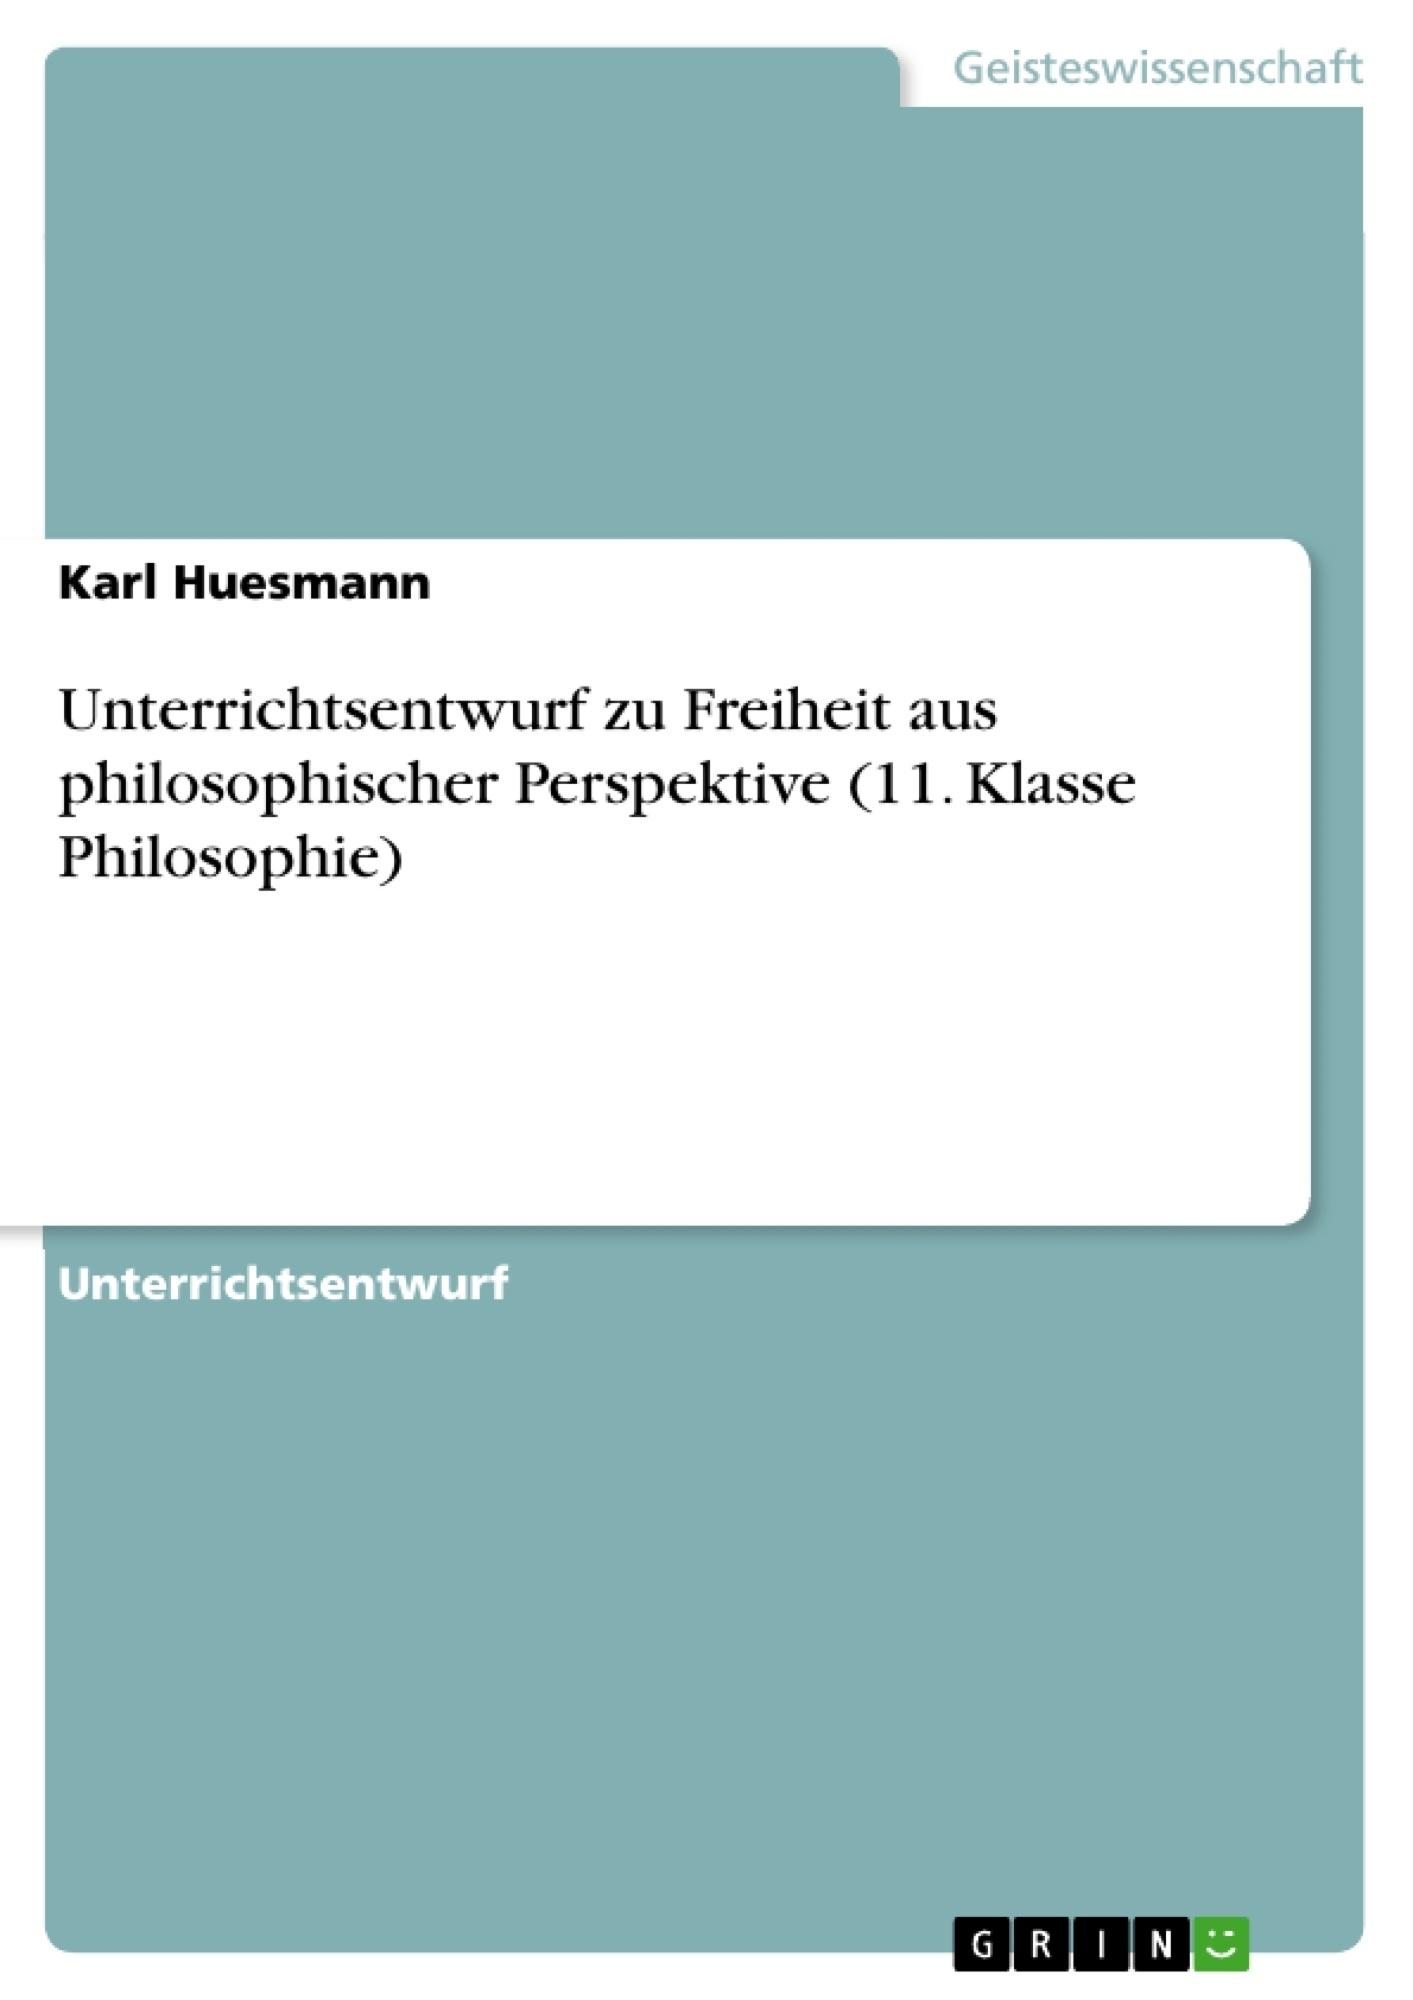 Titel: Unterrichtsentwurf zu Freiheit aus philosophischer Perspektive (11. Klasse Philosophie)